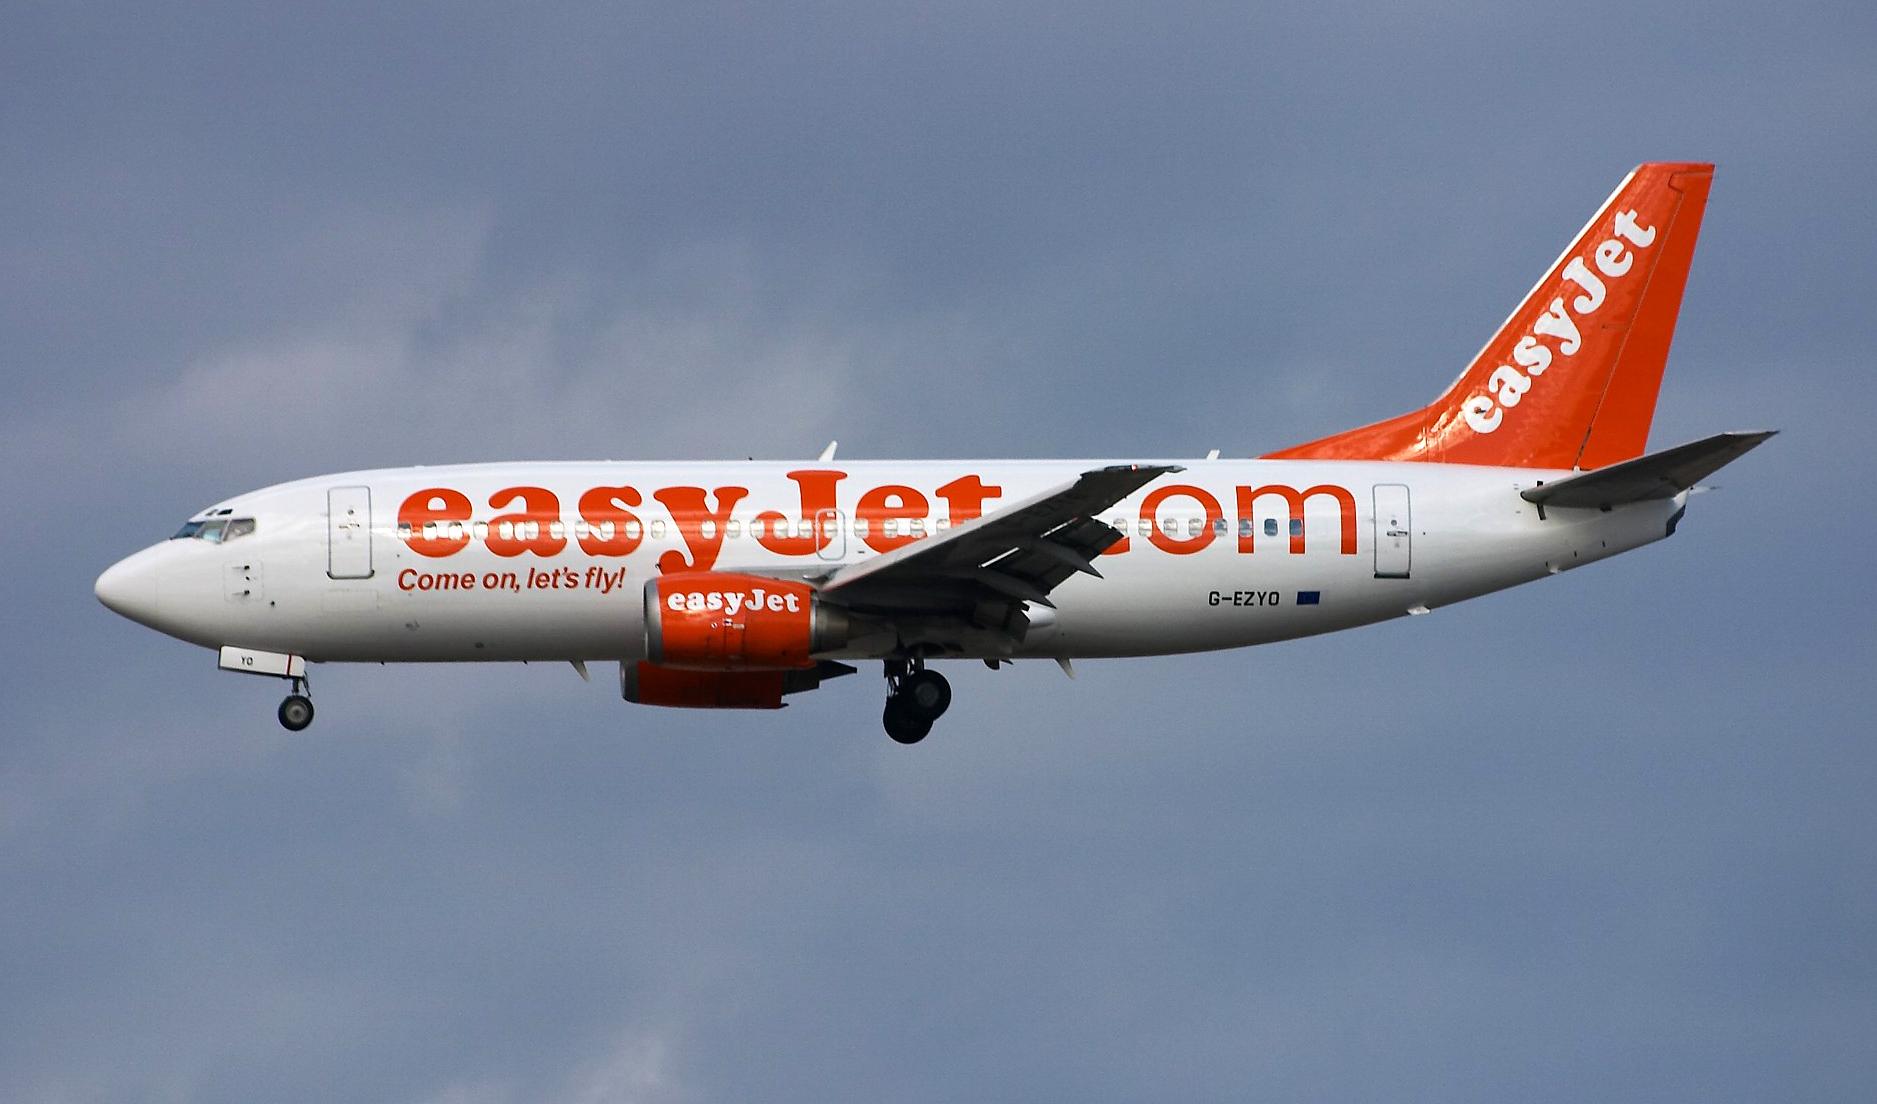 Boeing_737-33V_-_EasyJet_Airline_-_G-EZYO_-_LEMD_-_200503051625.jpg?width=300